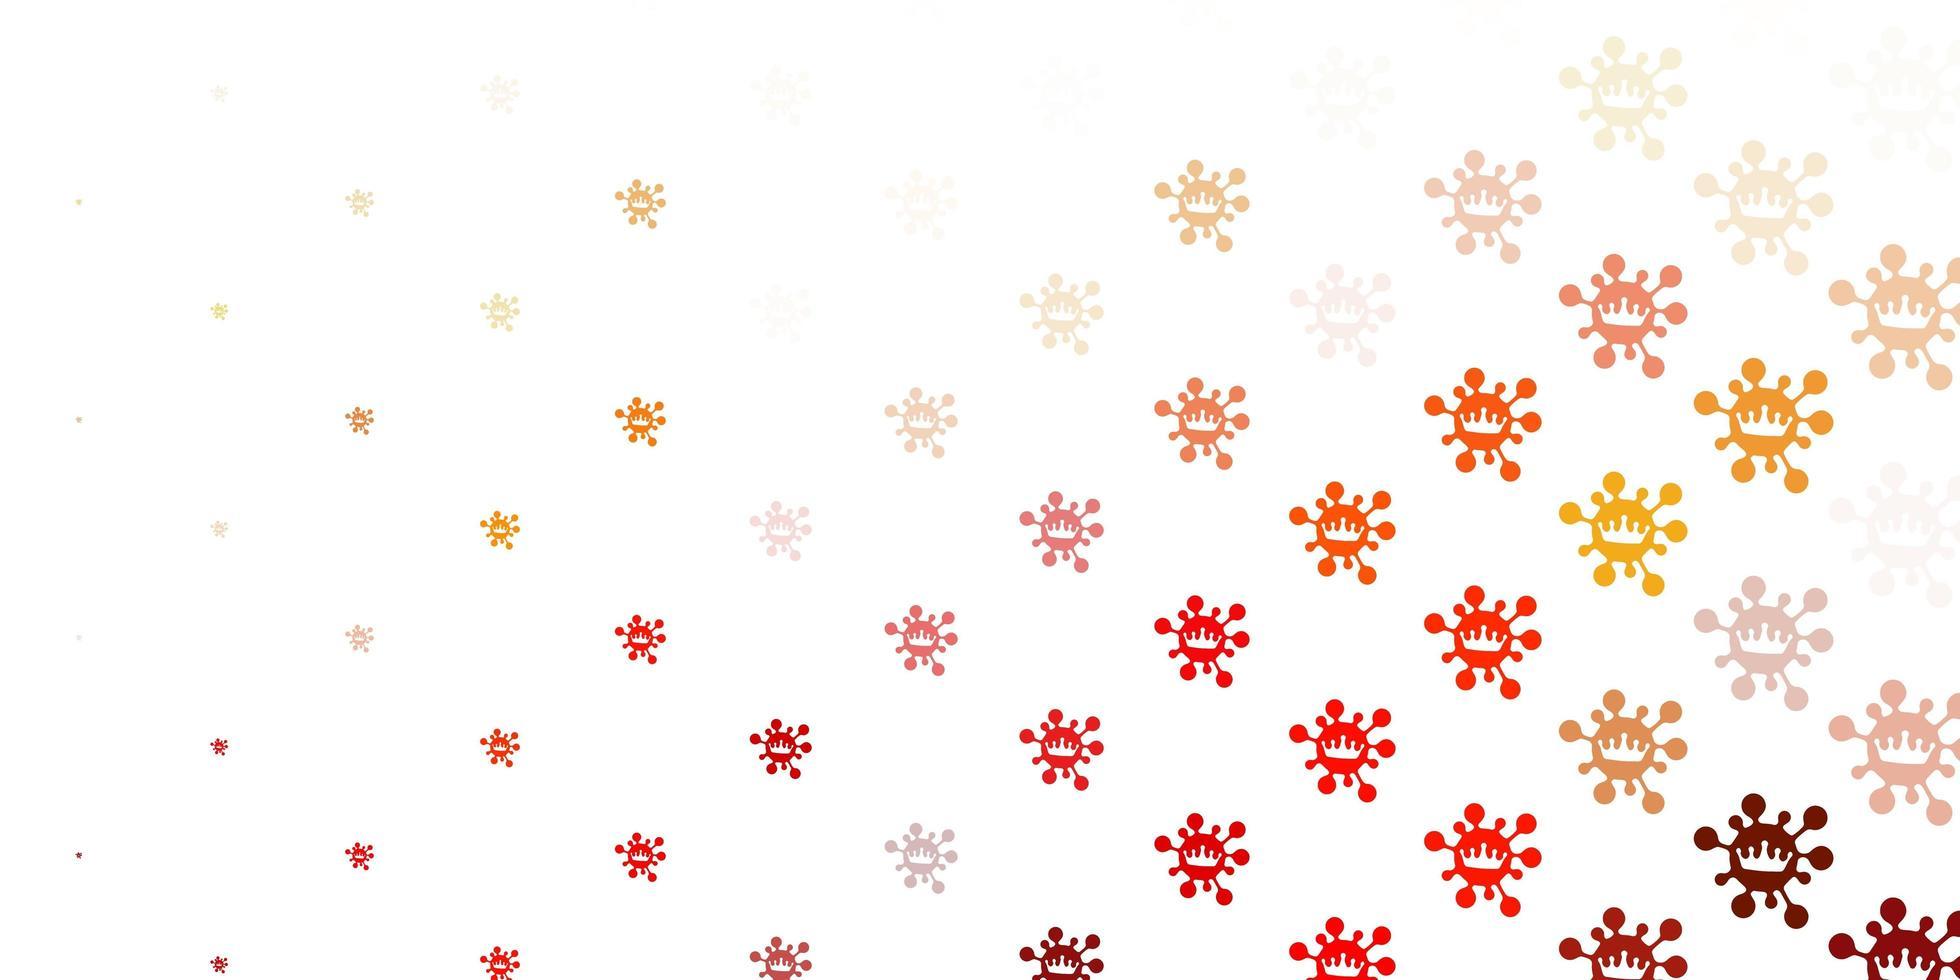 Fondo de vector naranja claro con símbolos covid-19.